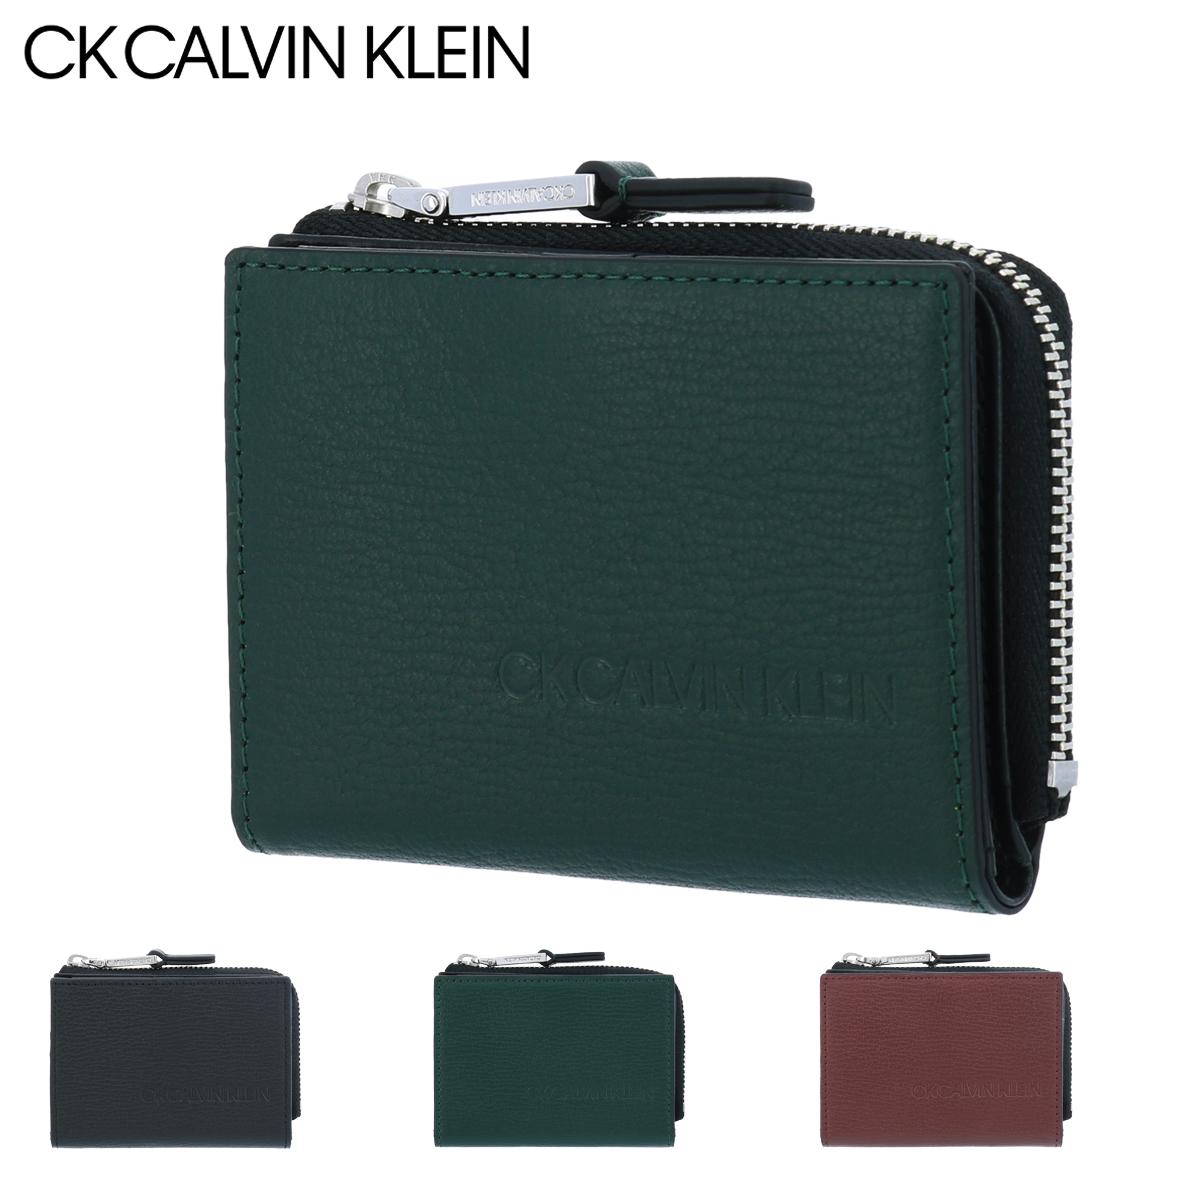 シーケーカルバンクライン 財布 小銭入れ ロック メンズ 803631 CK CALVIN KLEIN|コインケース スコッチガード 牛革 本革 レザー 撥水 [PO5][bef][即日発送]